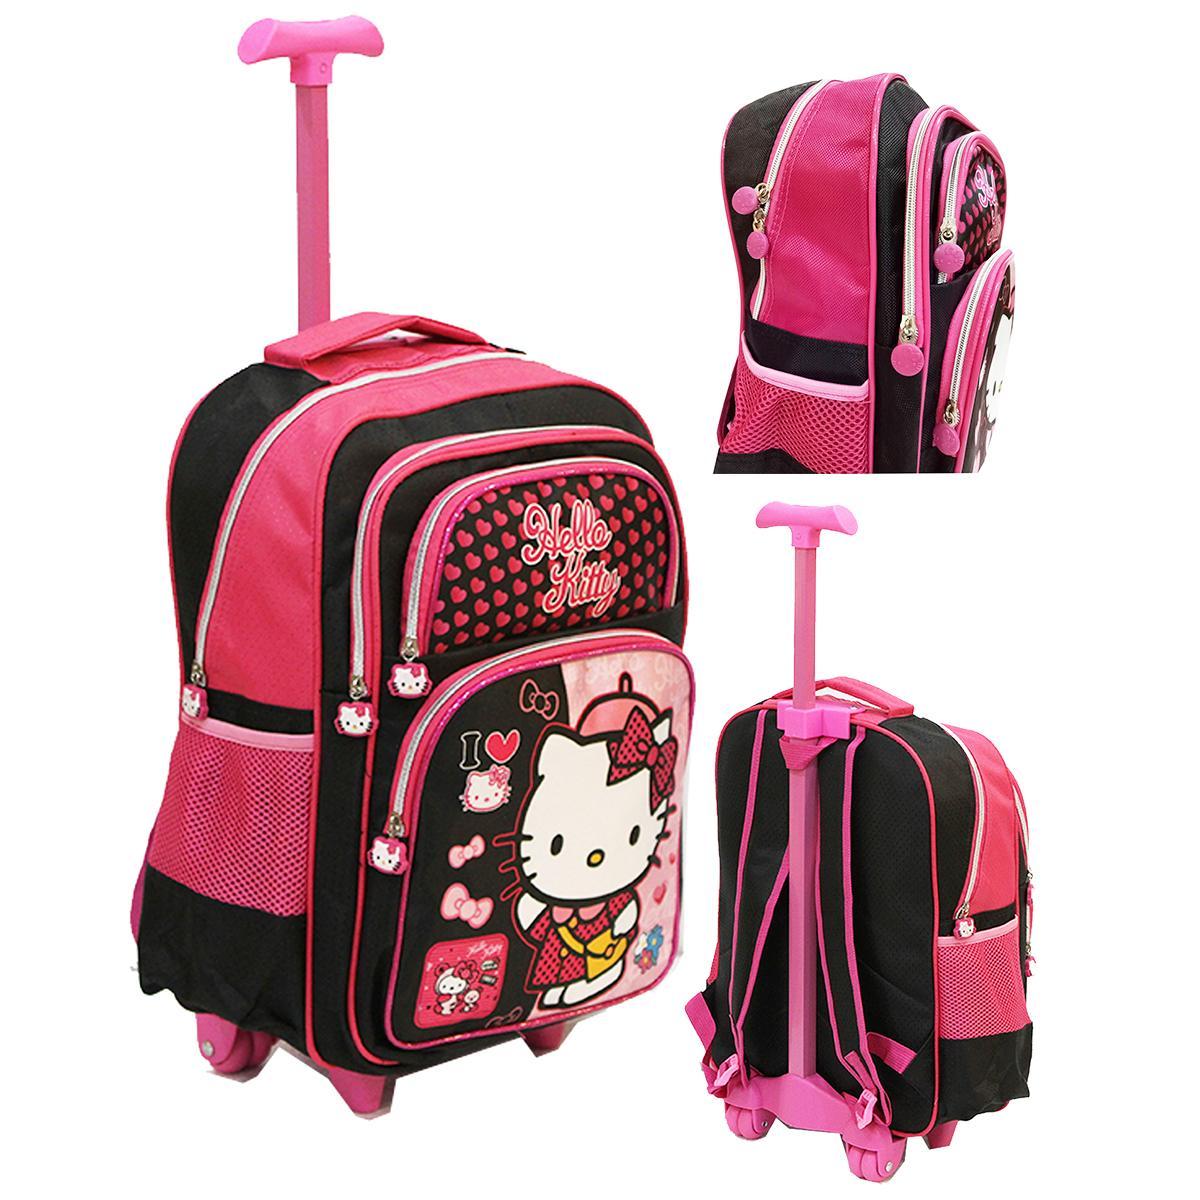 Onlan Tas Anak Sekolah SD Bahan Saten Ukuran Besar dan Luas - Pink